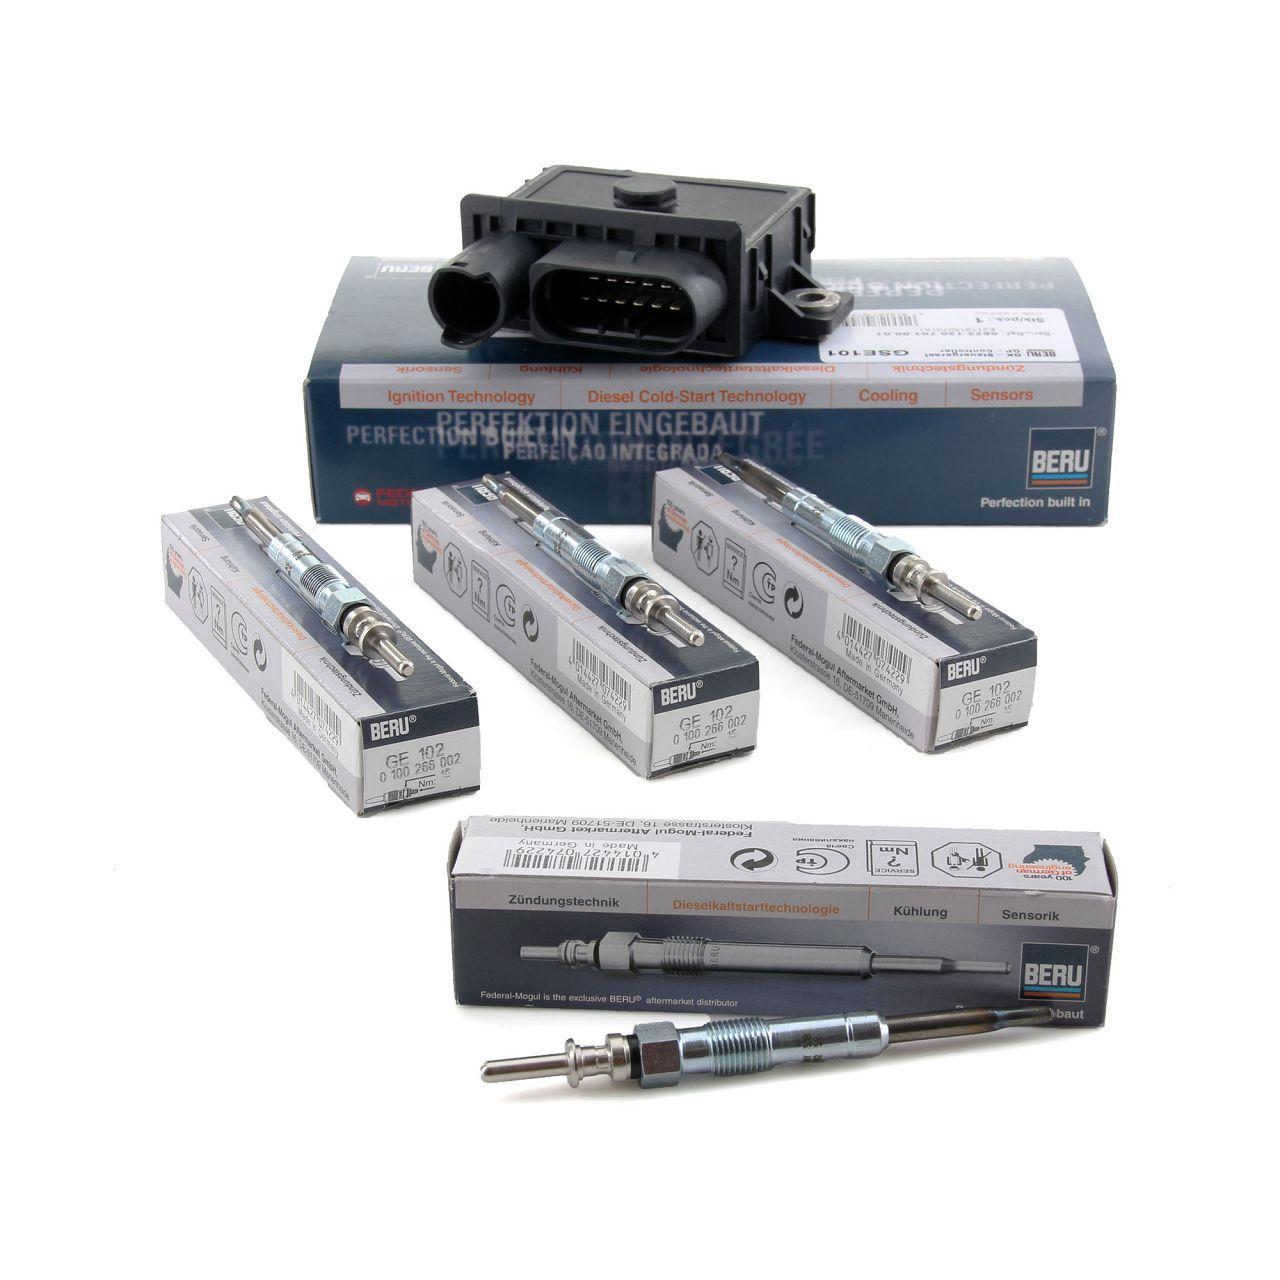 BERU Steuergerät Glühzeit GSE101 + 4x Glühkerze Set GE102 für BMW 4 Zylinder